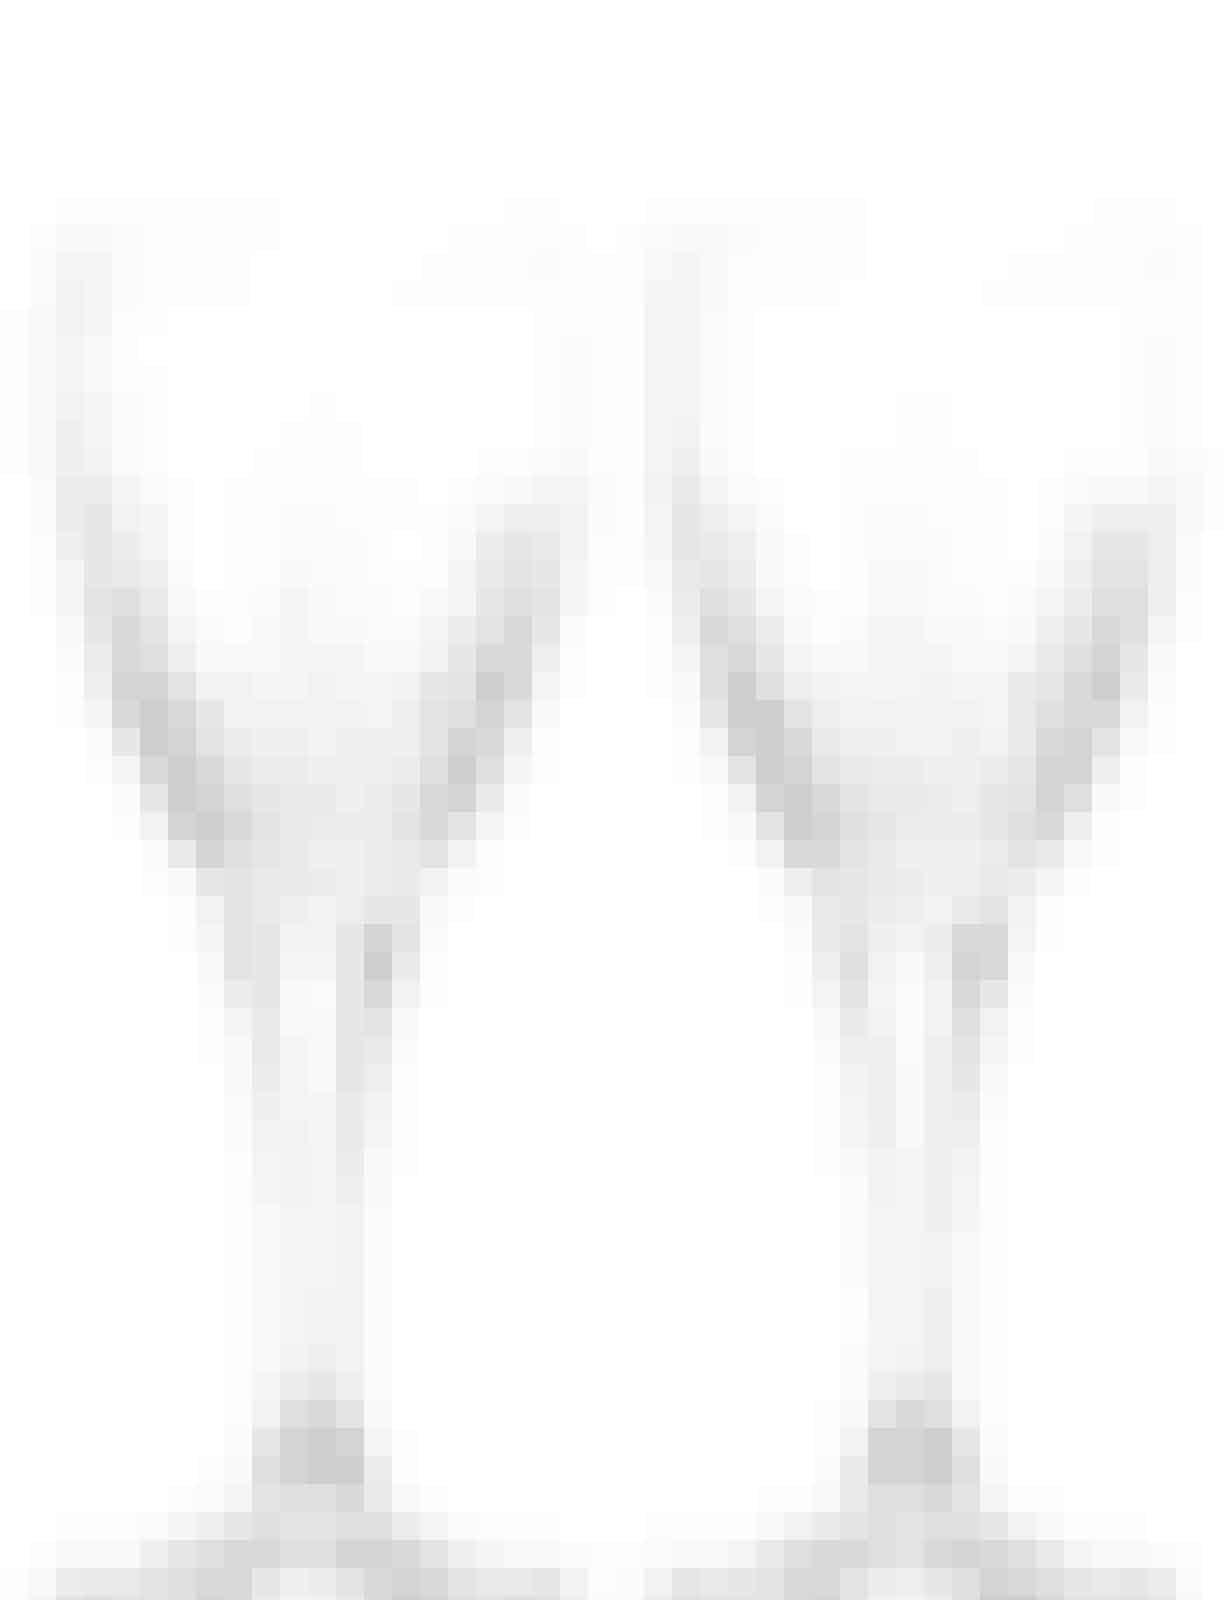 Hvidvinsglas i krystal, Erik bagger, 2 stk. 399 kr.Køb online her.